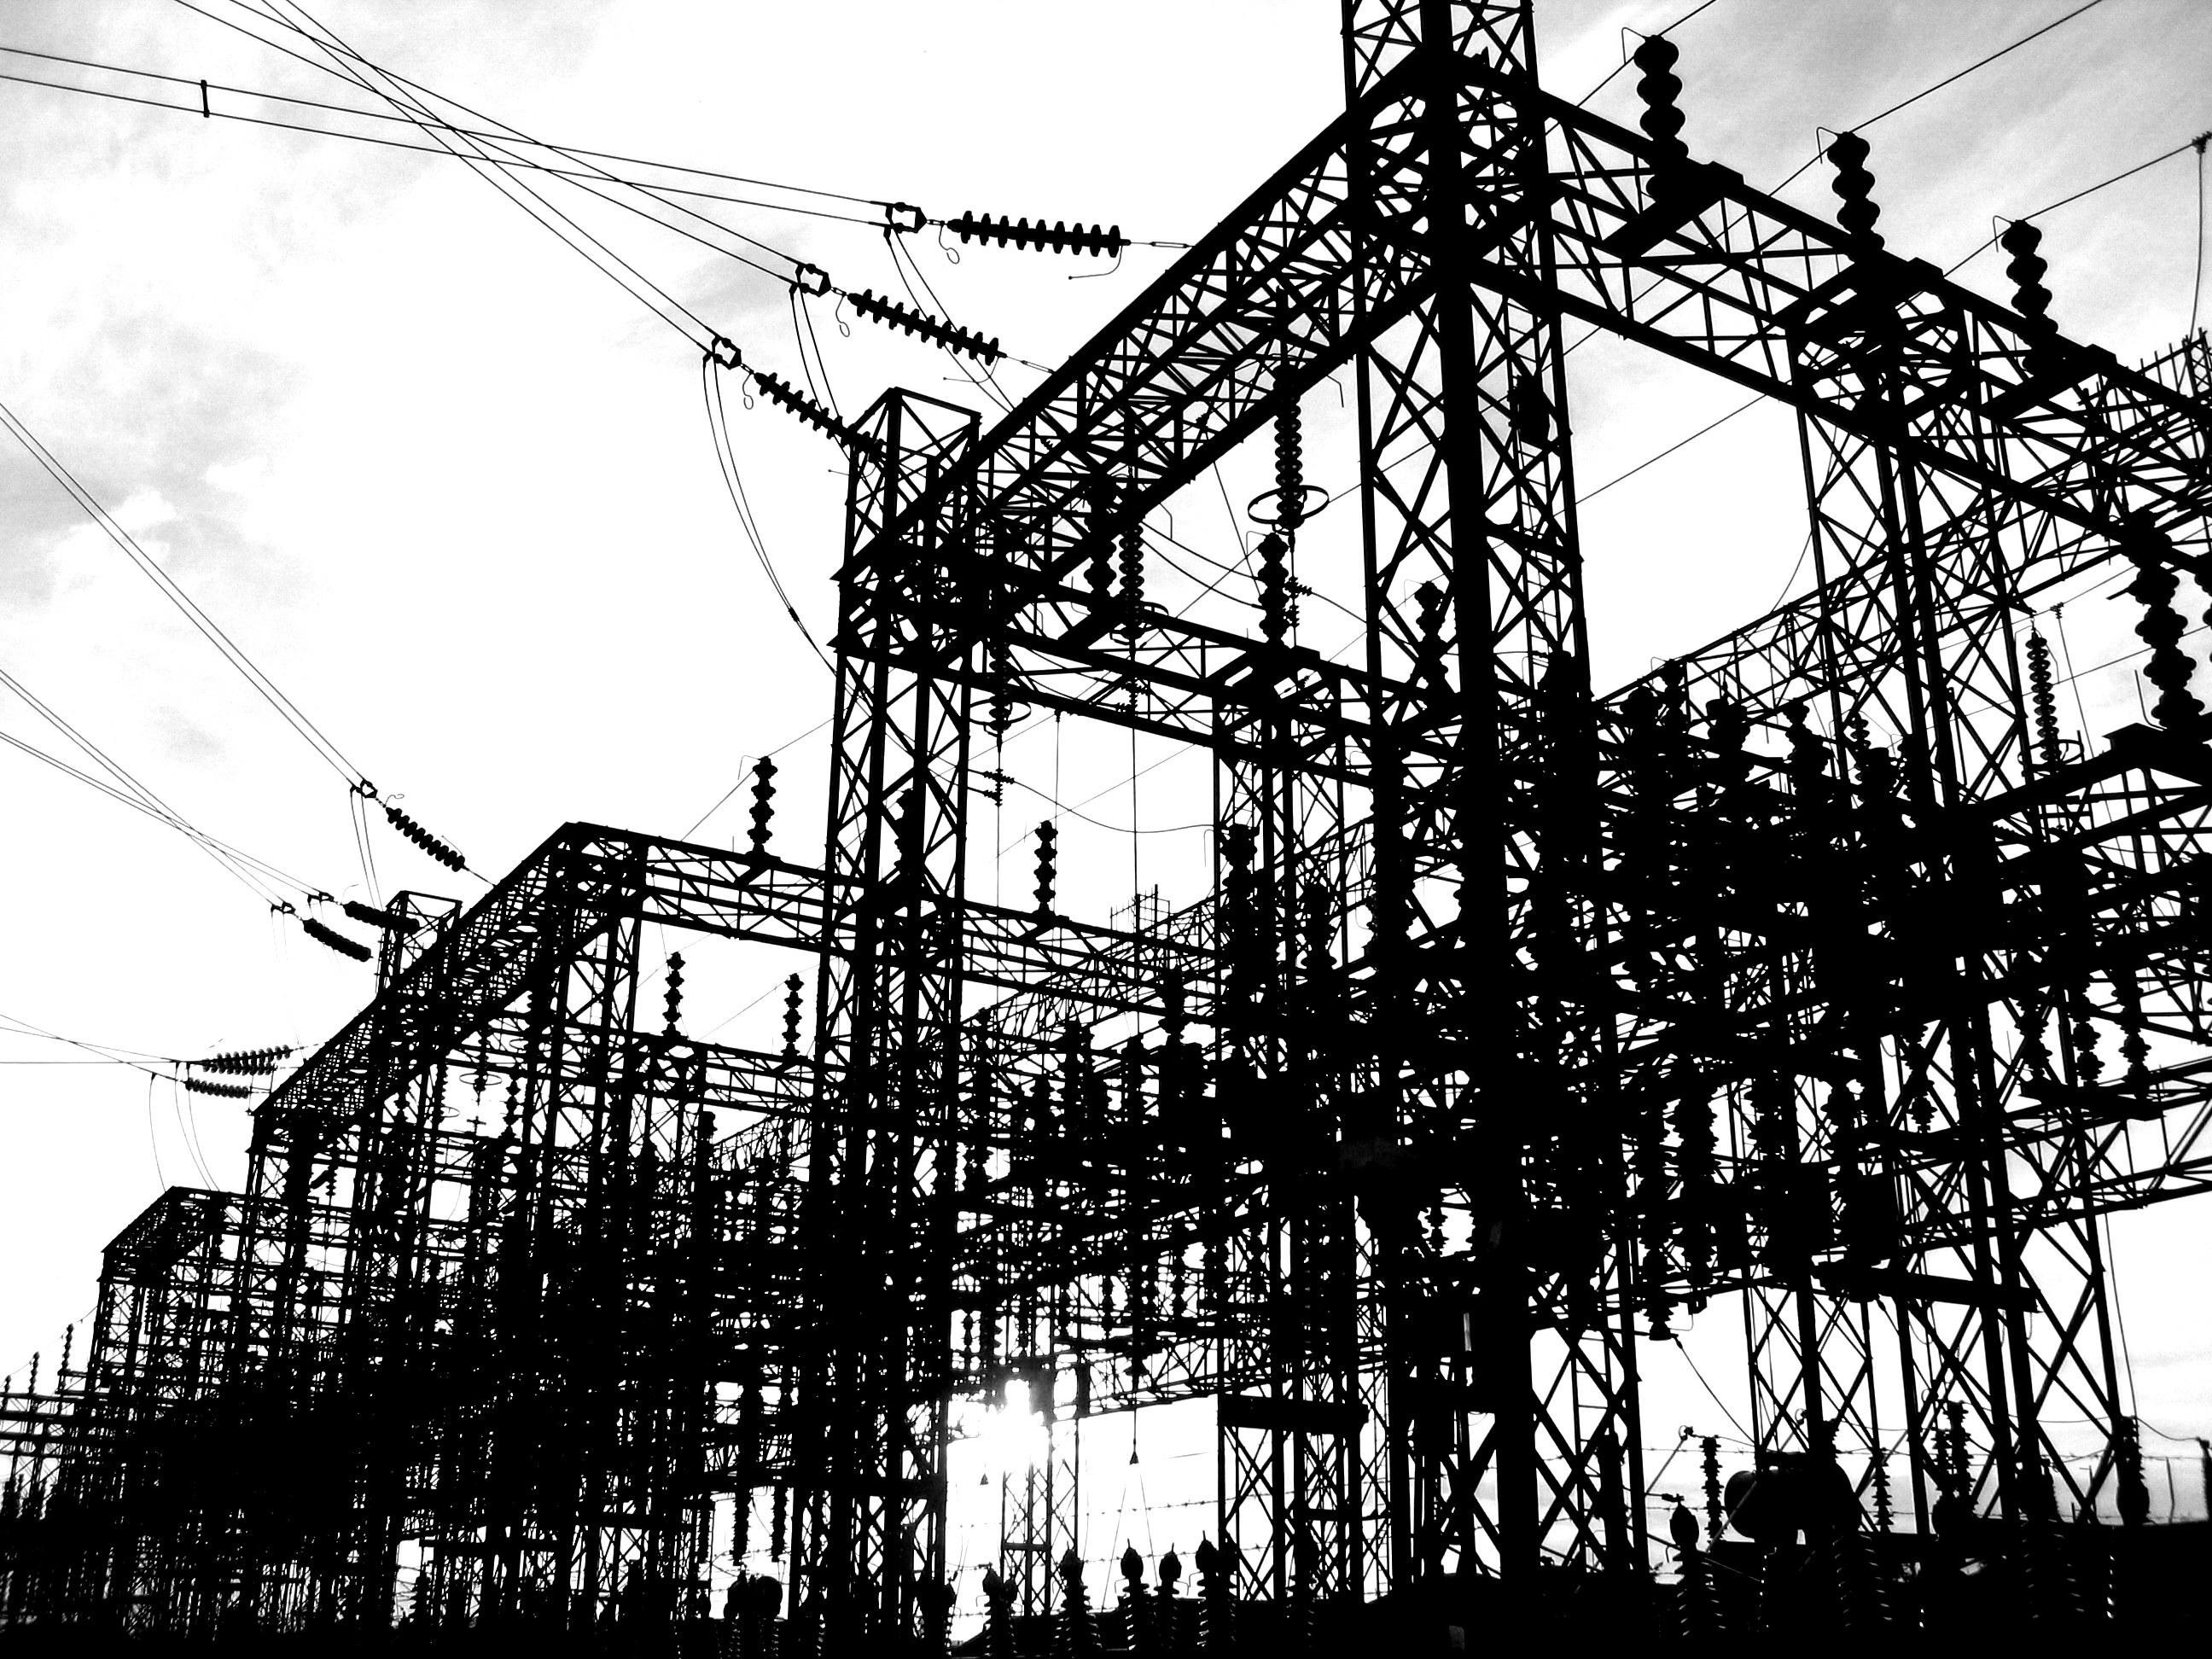 発電所の鉄塔.jpg